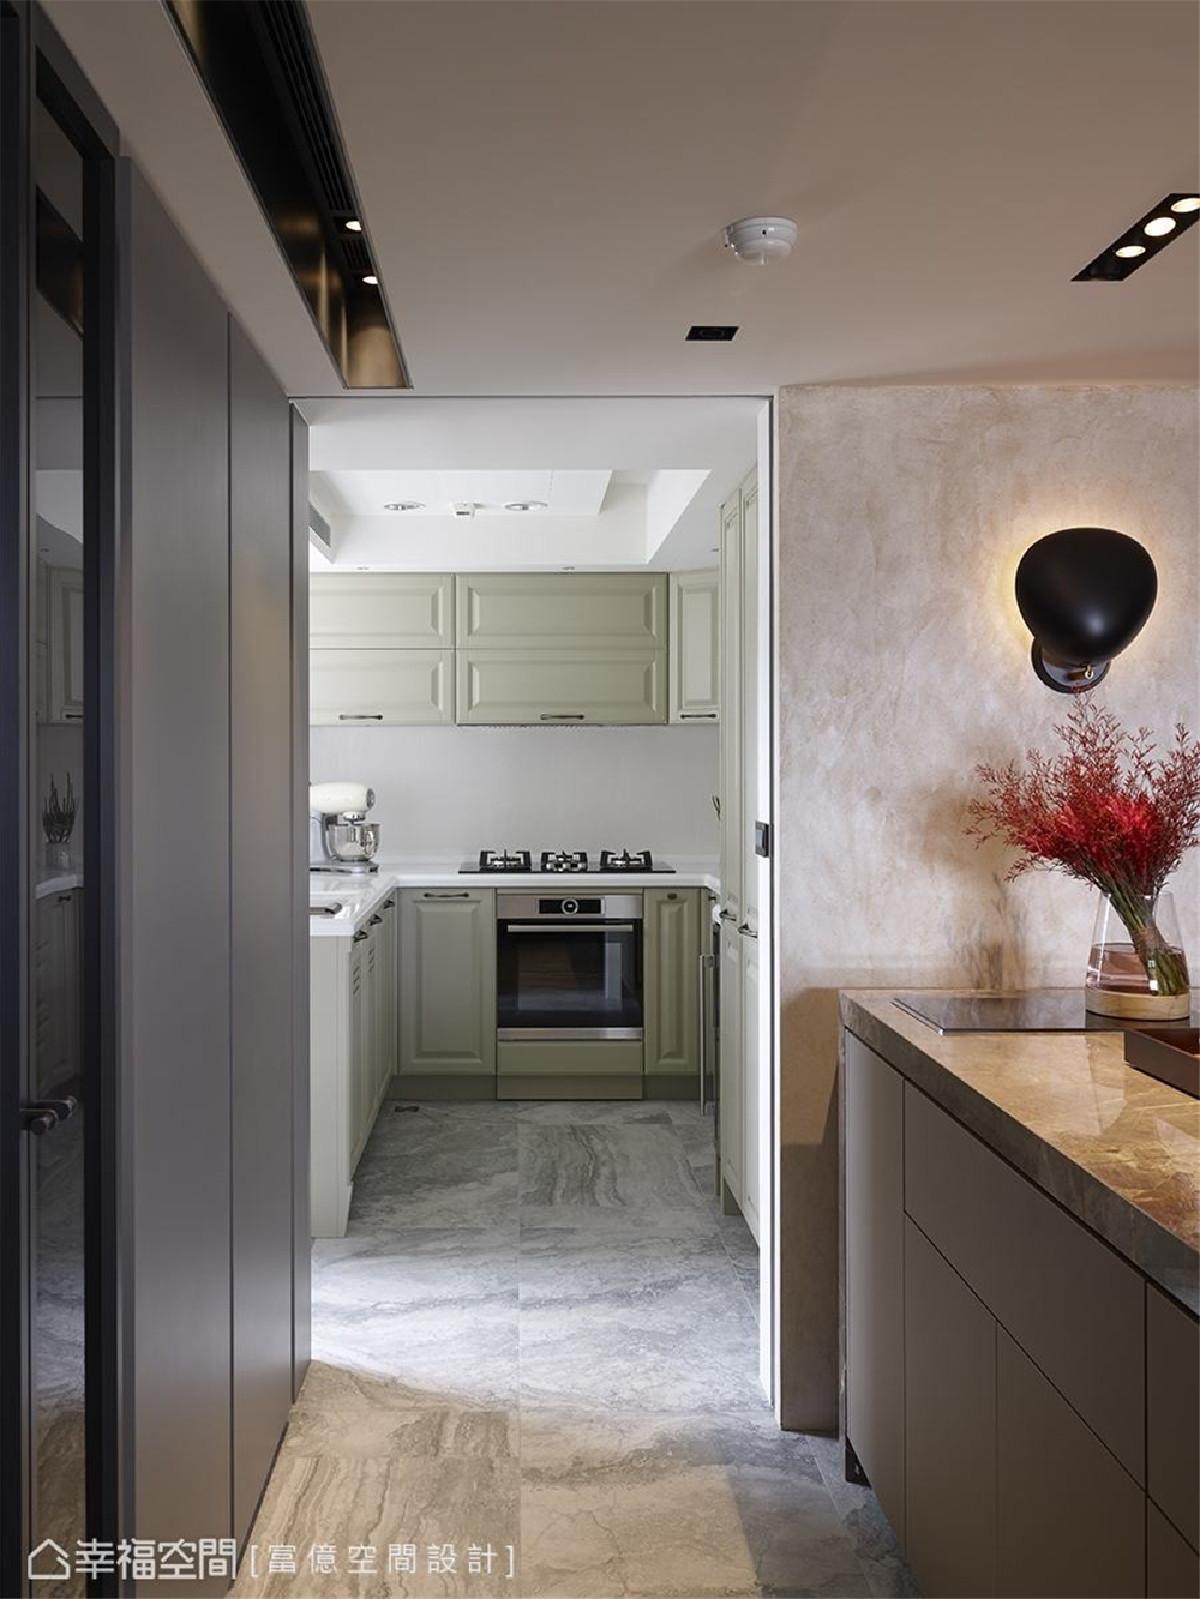 法式乡村风厨房 专为爱烹饪的女屋主所设计的厨房,透过自然稻草黄绿色厨柜,围塑法式古典的温馨气息。